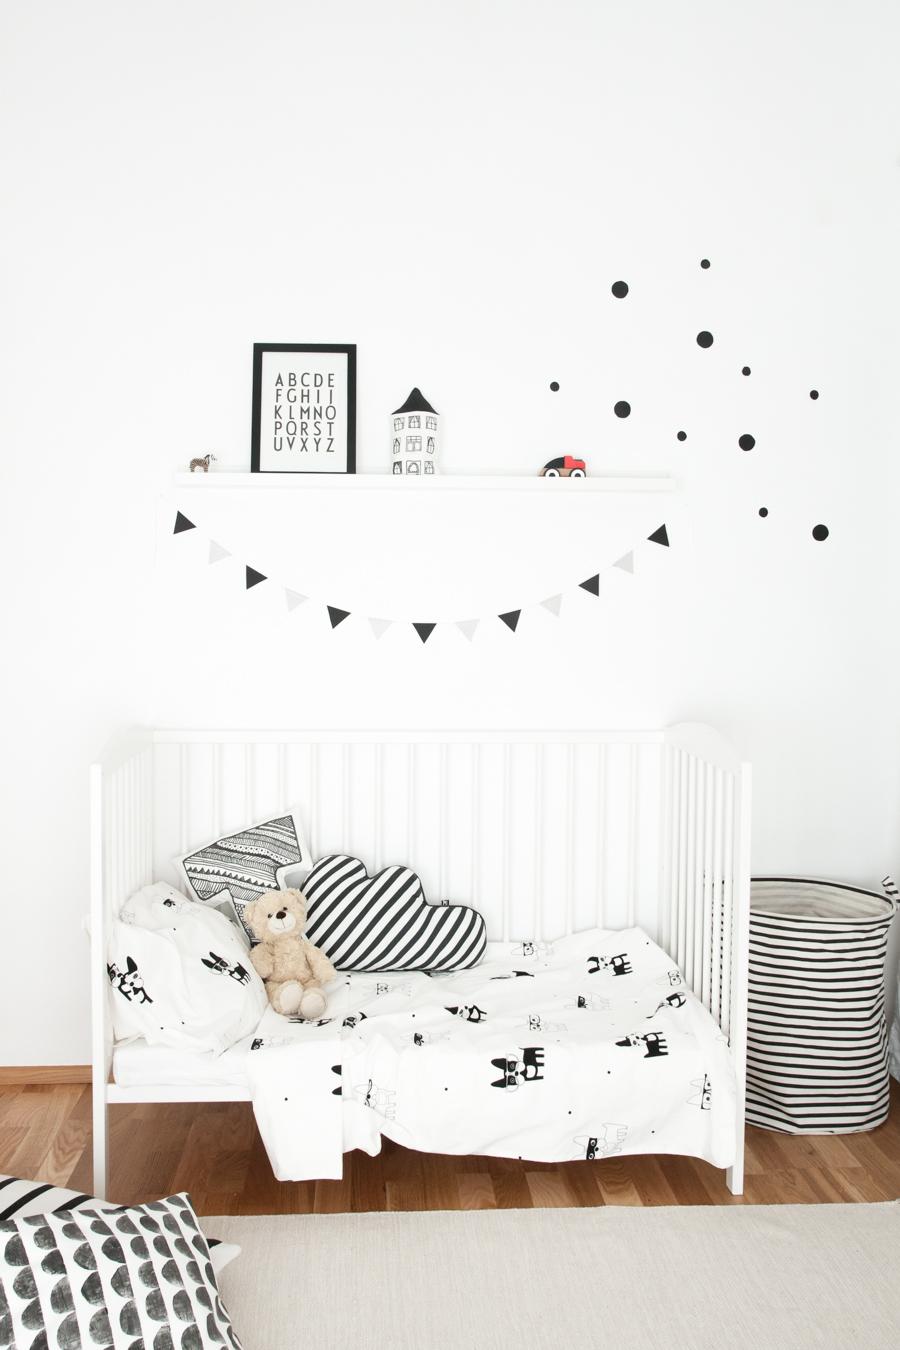 décoration de chambre d'enfant blanc et noir, épurée, poésie, fanions